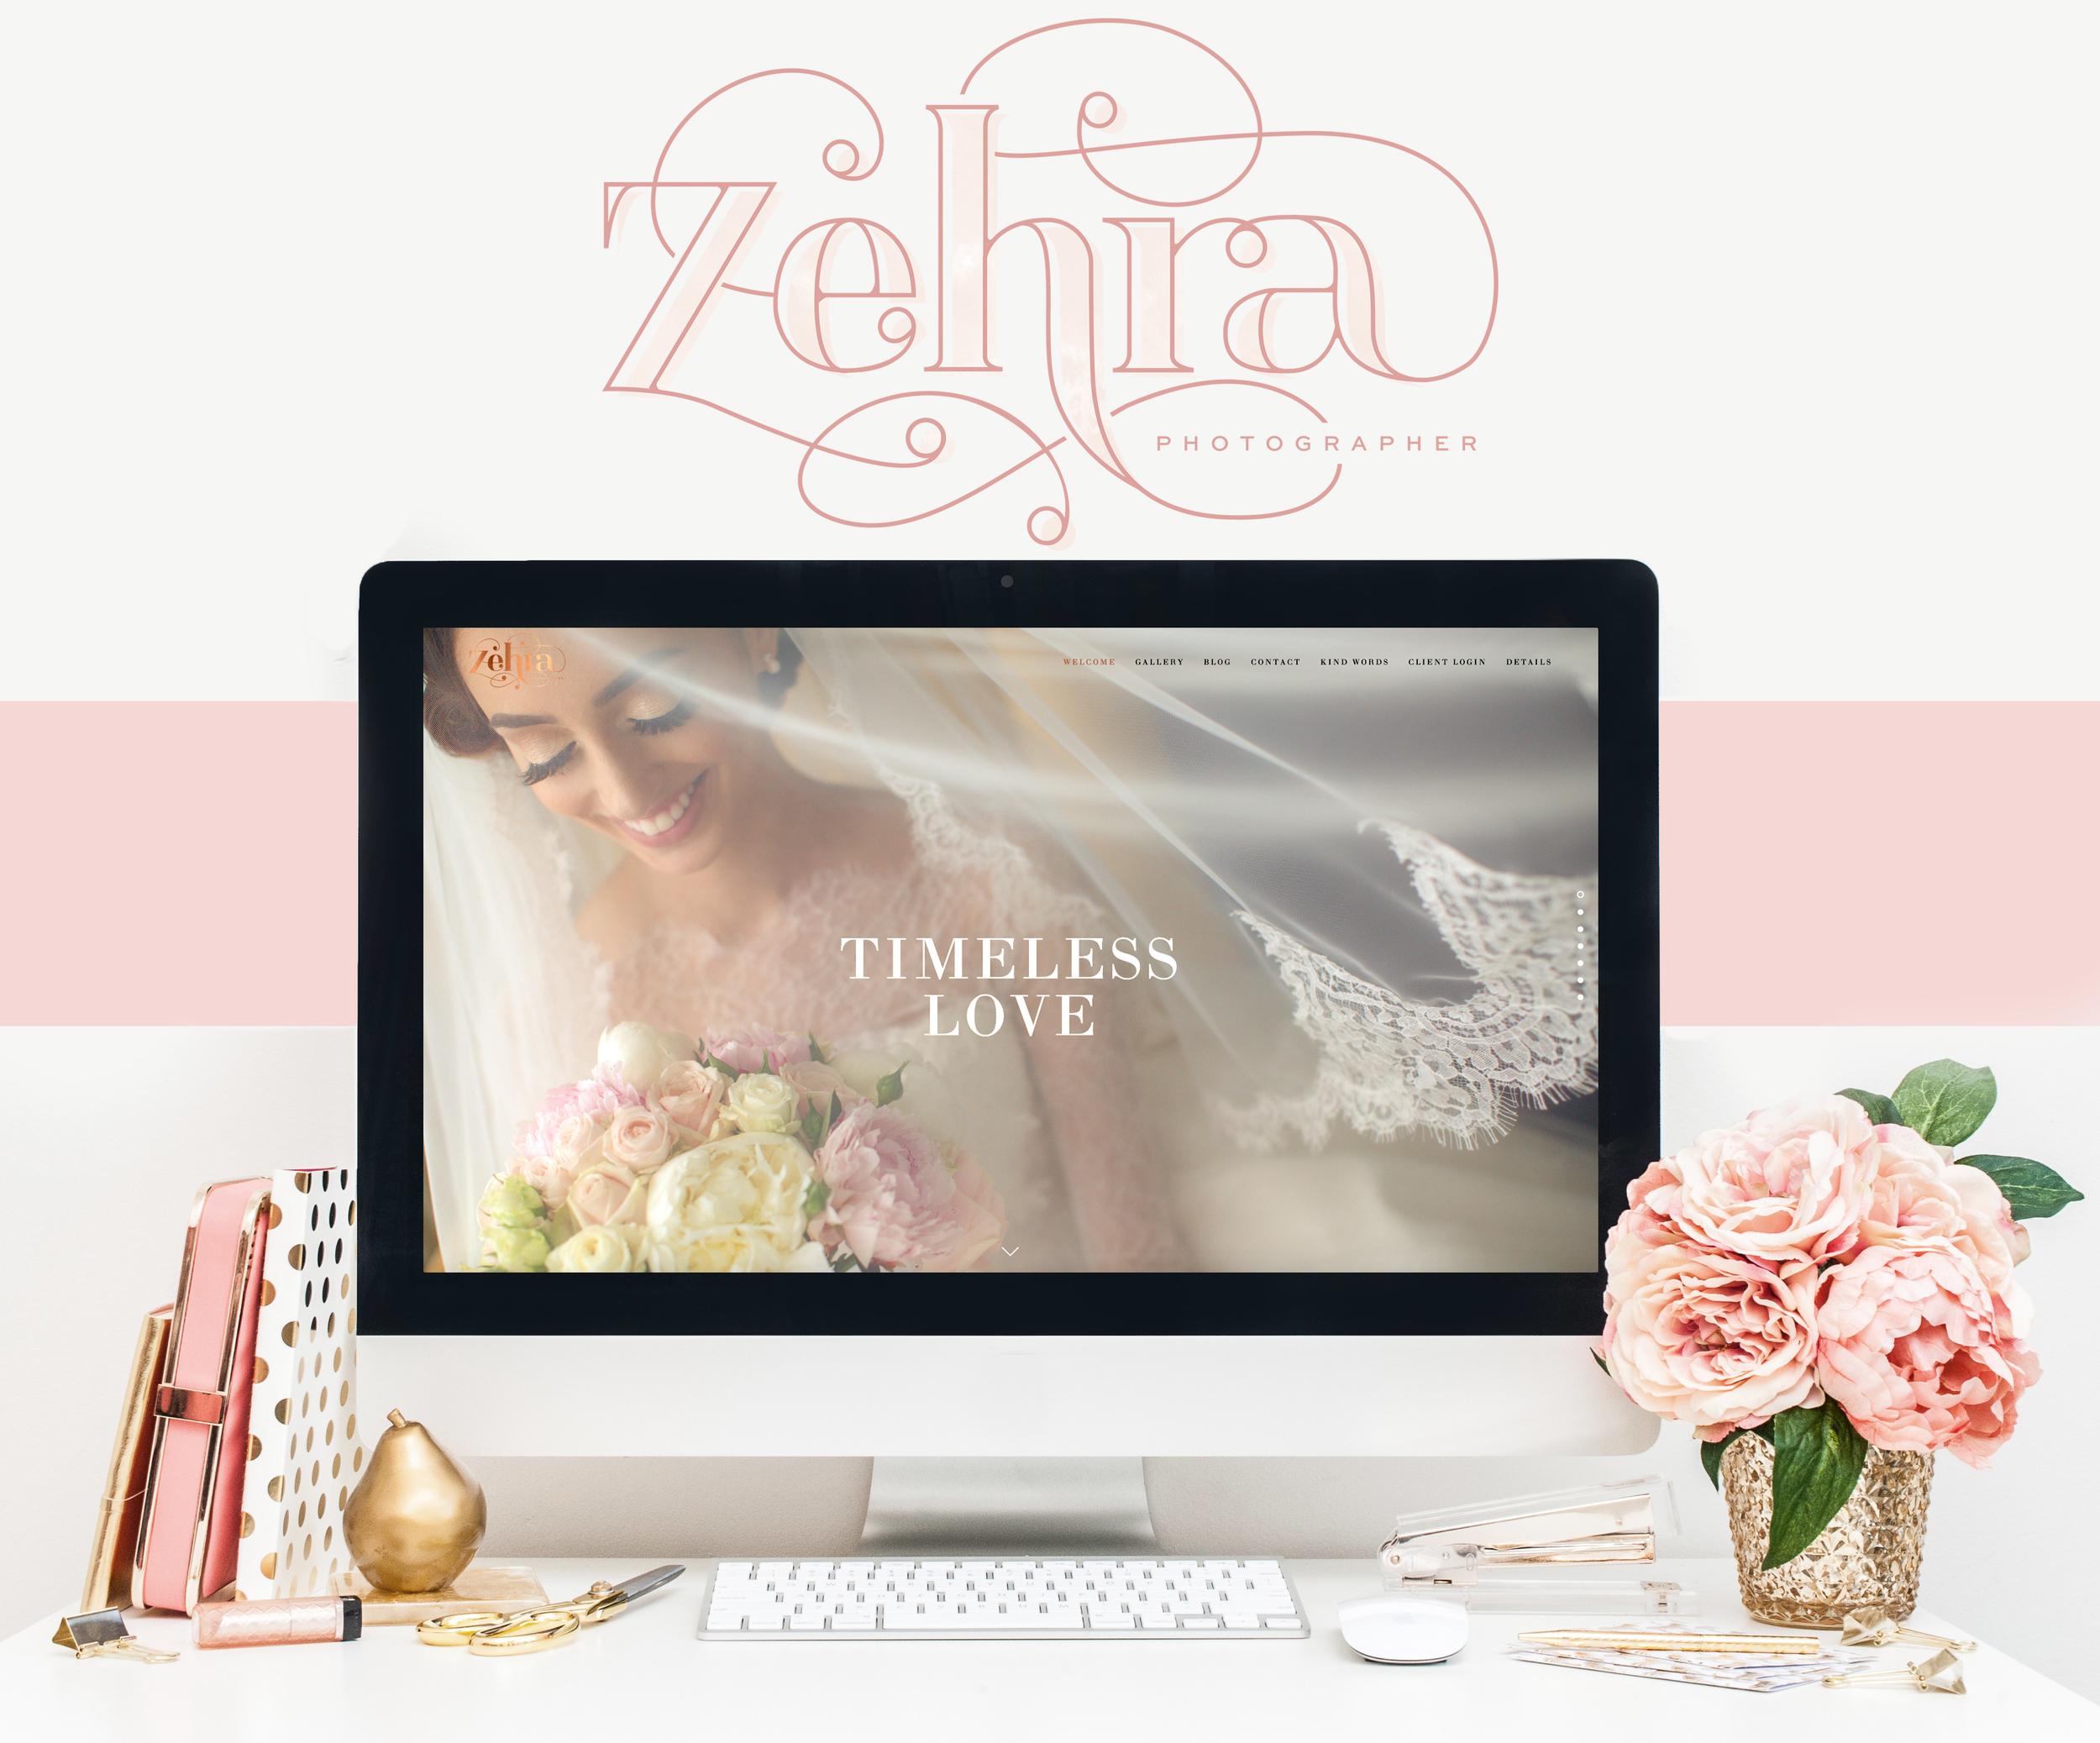 zehra photographer website